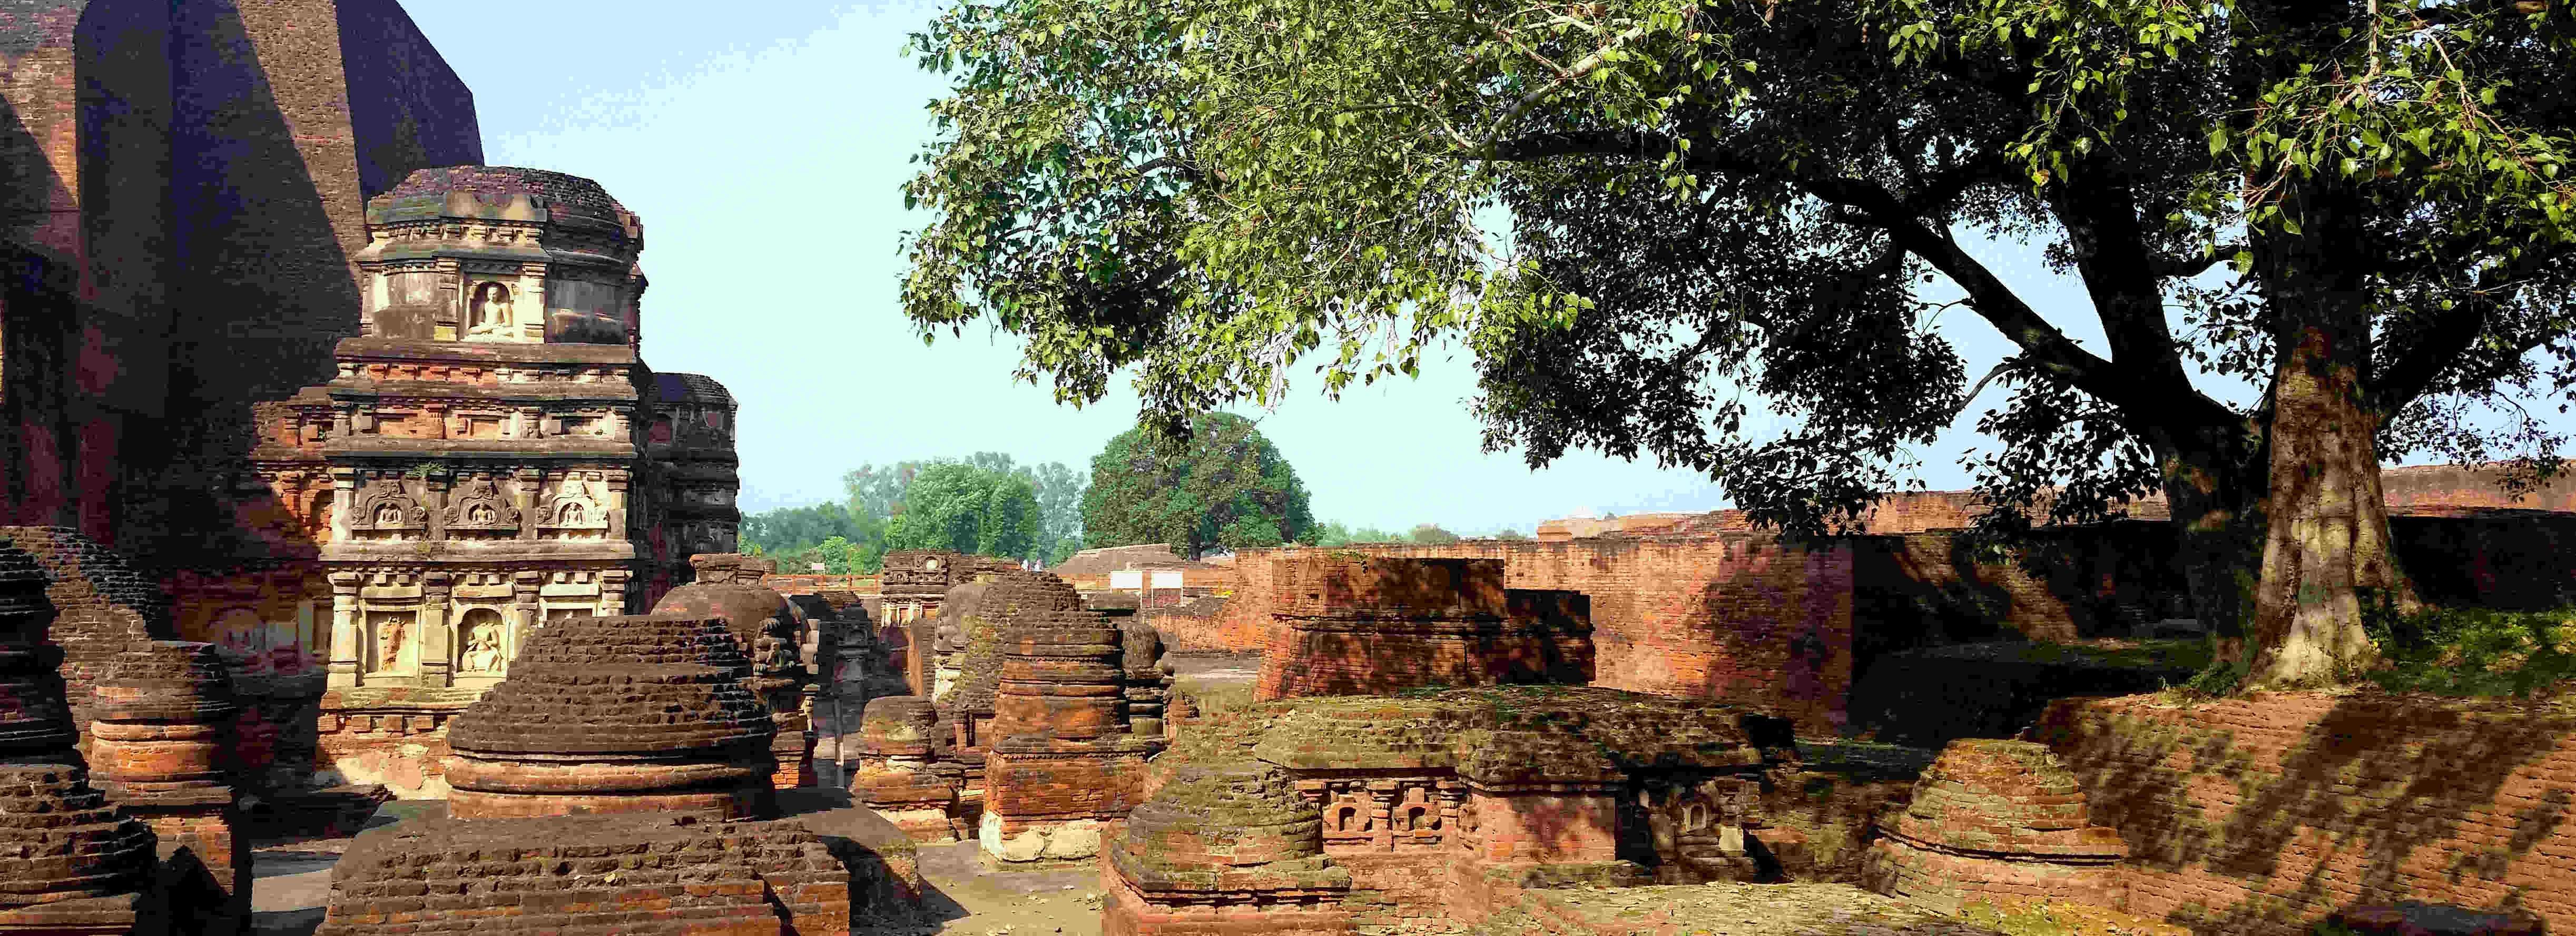 Os Quatro Locais Mais Sagrados do Budismo